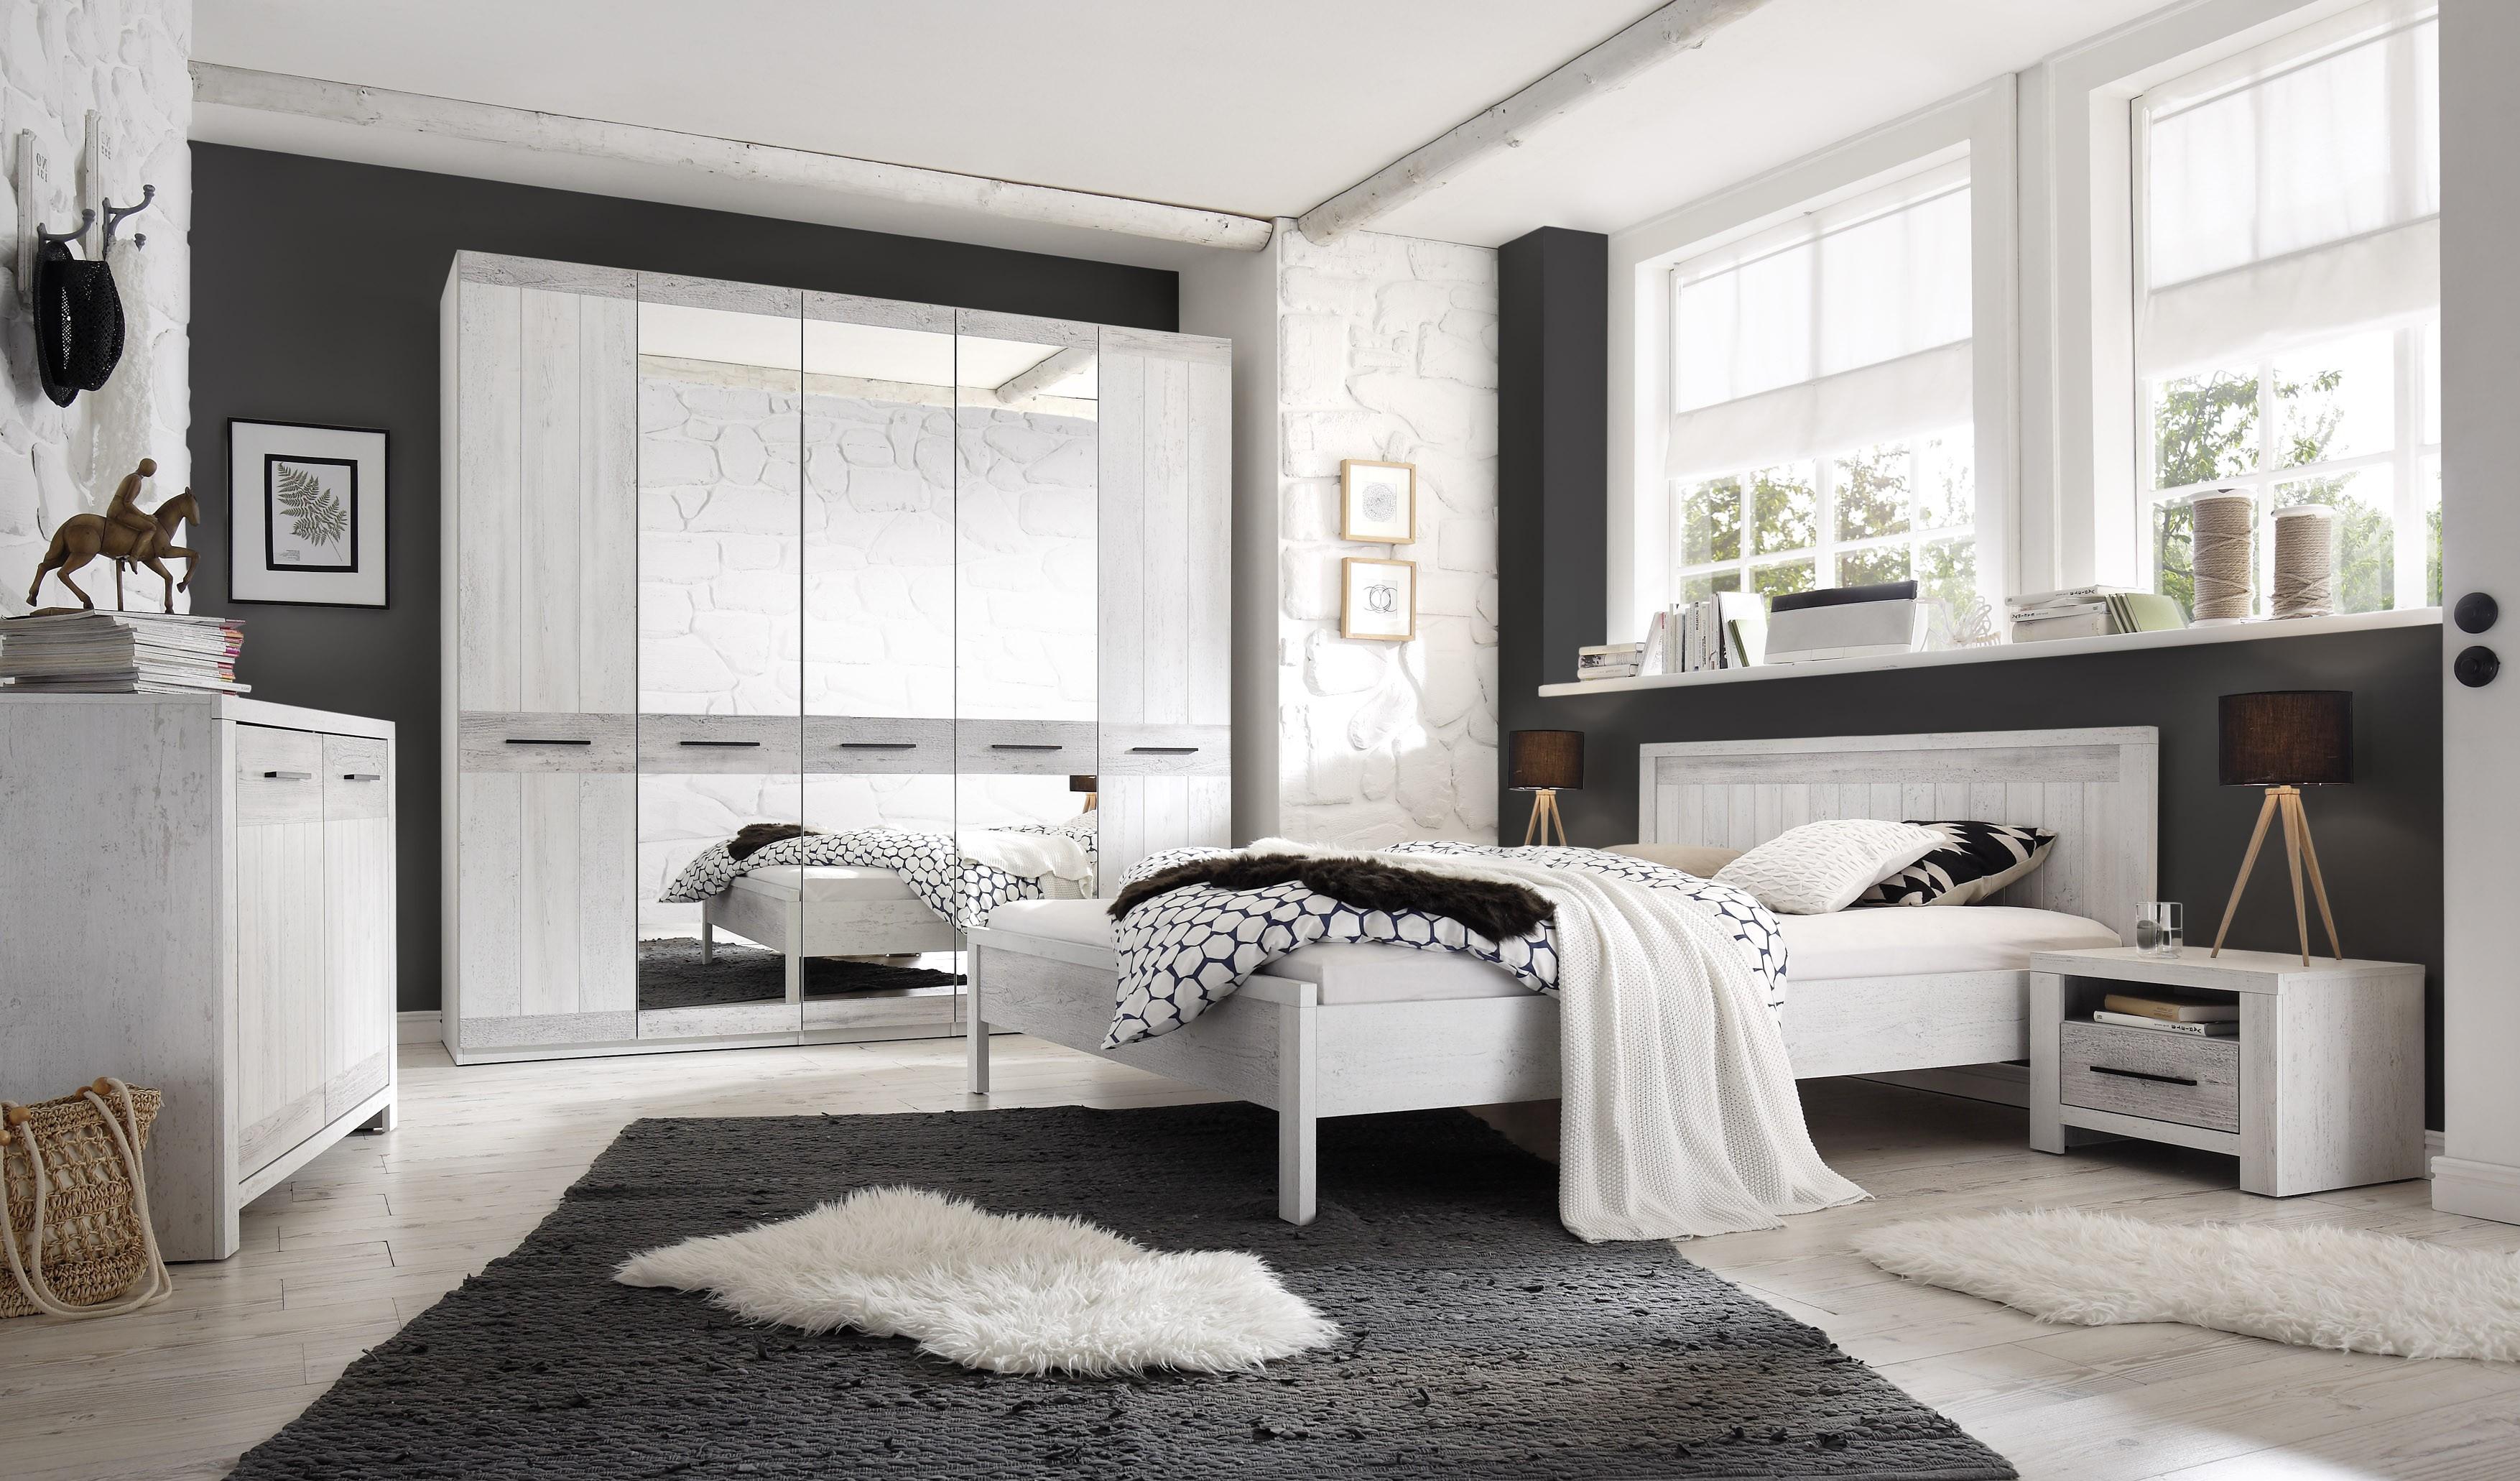 PAG spálňová zostava - skriňa, posteľ, nočné stolíky